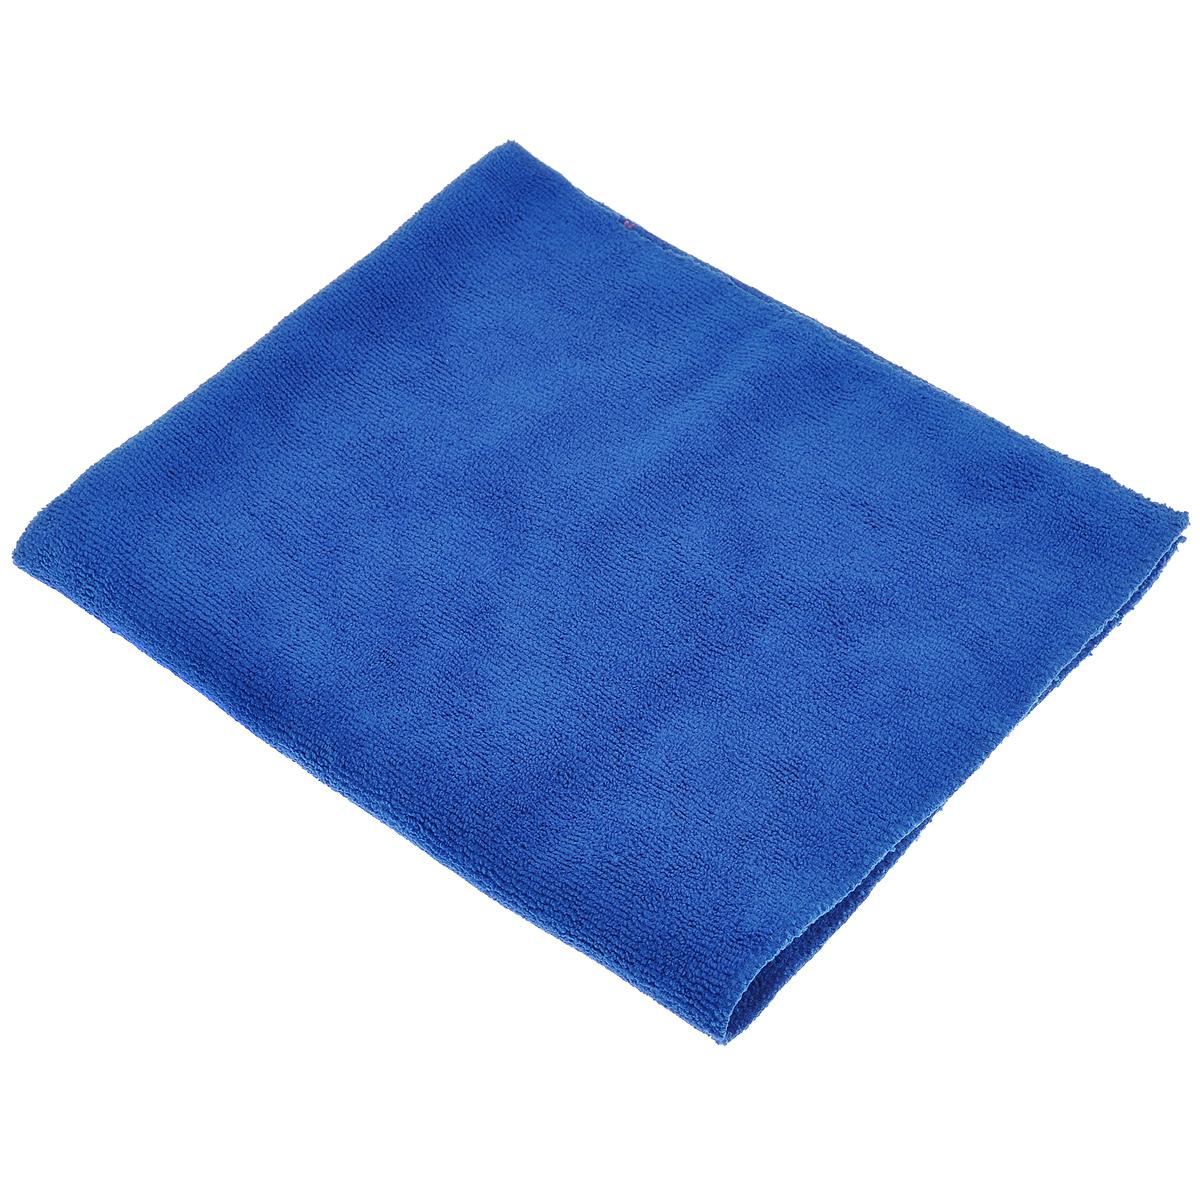 Тряпка для пола Eva, цвет: синий, 50 х 60 смЕ73_синийТряпка для пола Eva выполнена из микрофибры (полиэстера и полиамида). Благодаря микроструктуре волокон она проникает в поры материалов, а поэтому может удалять загрязнения без применения химических средств. Тряпка удерживает влагу, не оставляет разводов и ворса. Размер: 50 см х 60 см.